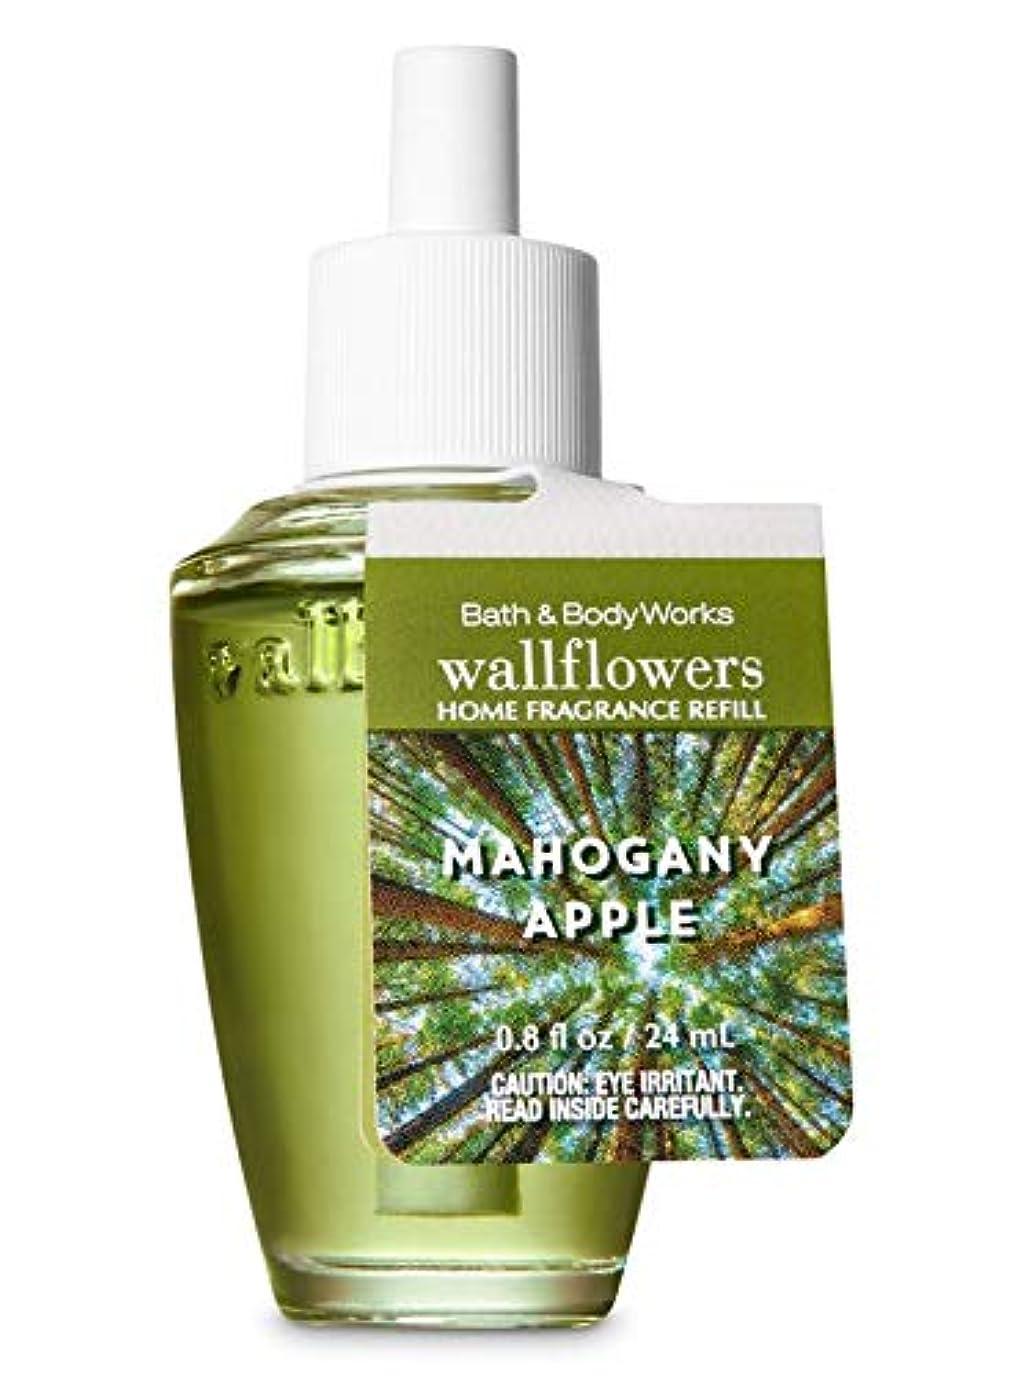 リーダーシップアッパー反対に【Bath&Body Works/バス&ボディワークス】 ルームフレグランス 詰替えリフィル マホガニーアップル Wallflowers Home Fragrance Refill Mahogany Apple [並行輸入品]